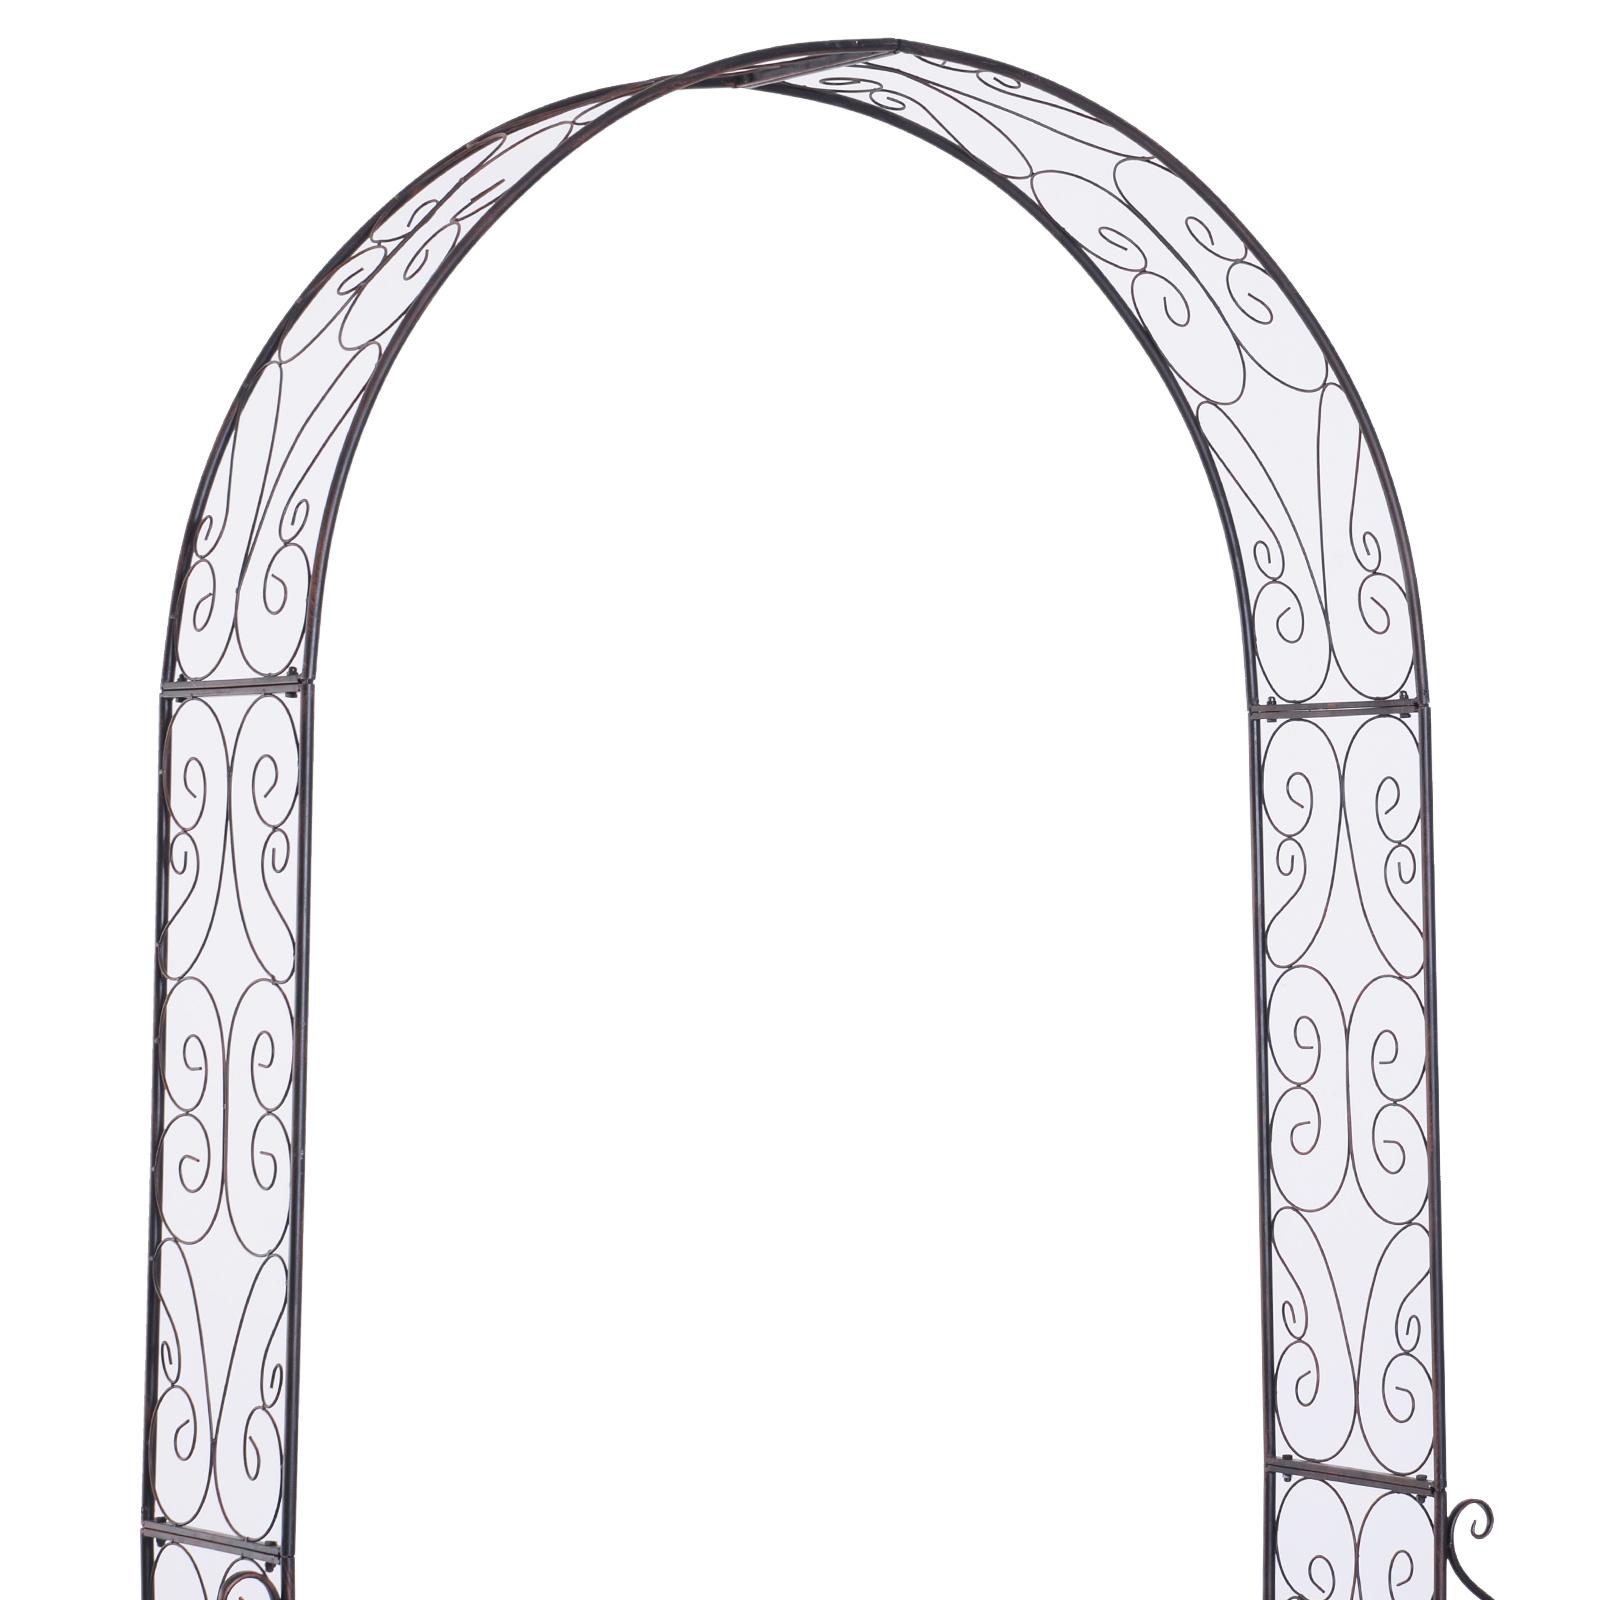 Outsunny Arche De Jardin Arche À Rosiers Style Fer Forgé Dim. 120L X 30L X  226H Cm Métal Époxy Noir Vieilli Cuivré pour Arche De Jardin En Fer Forgé